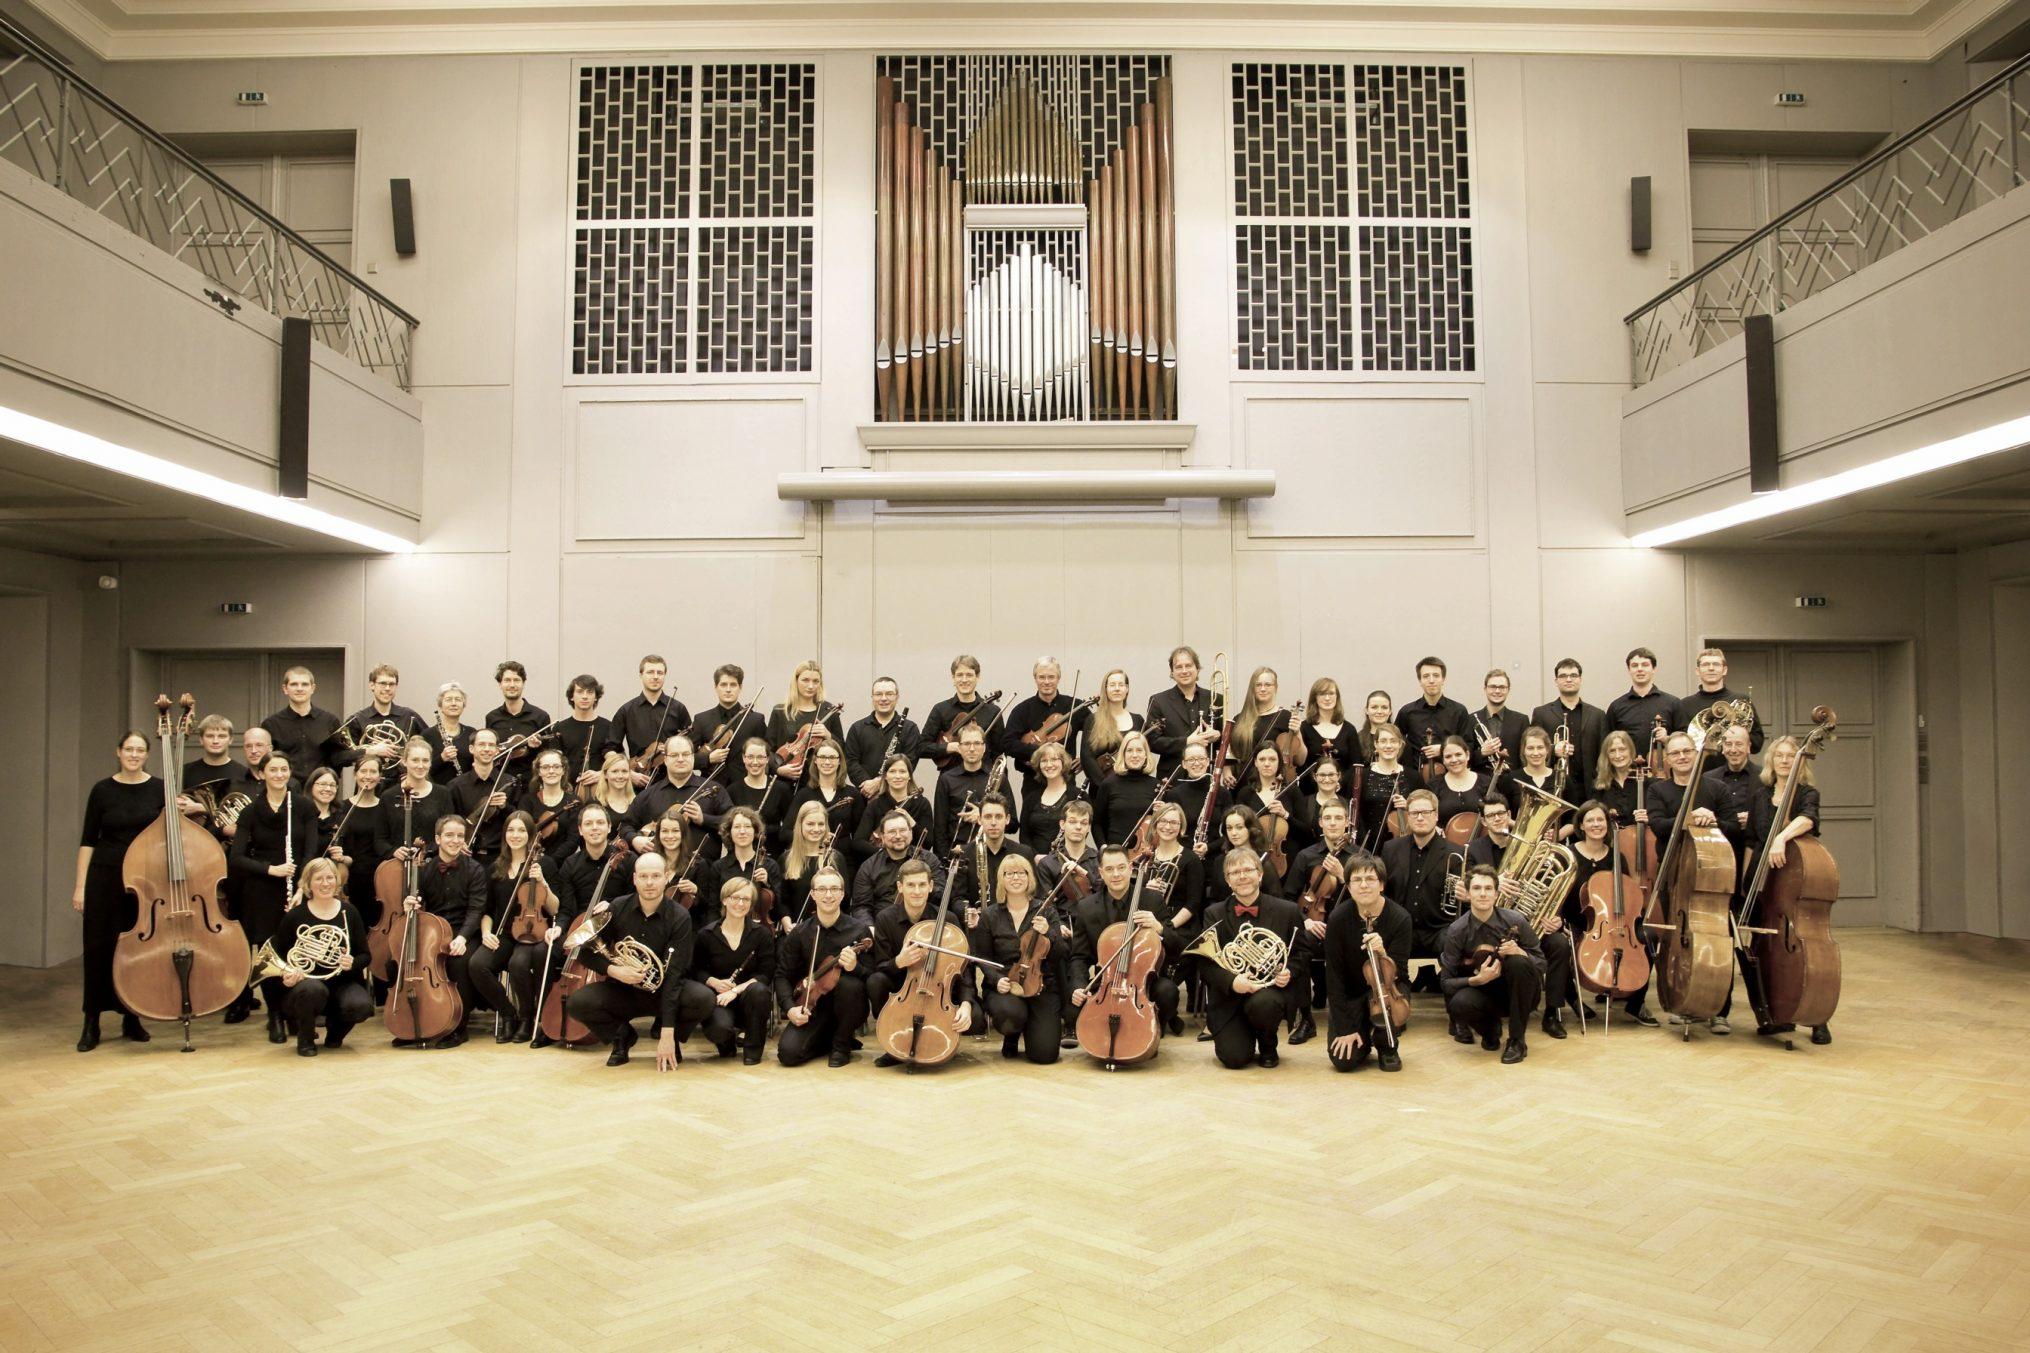 Gruppenfoto des Orchesters